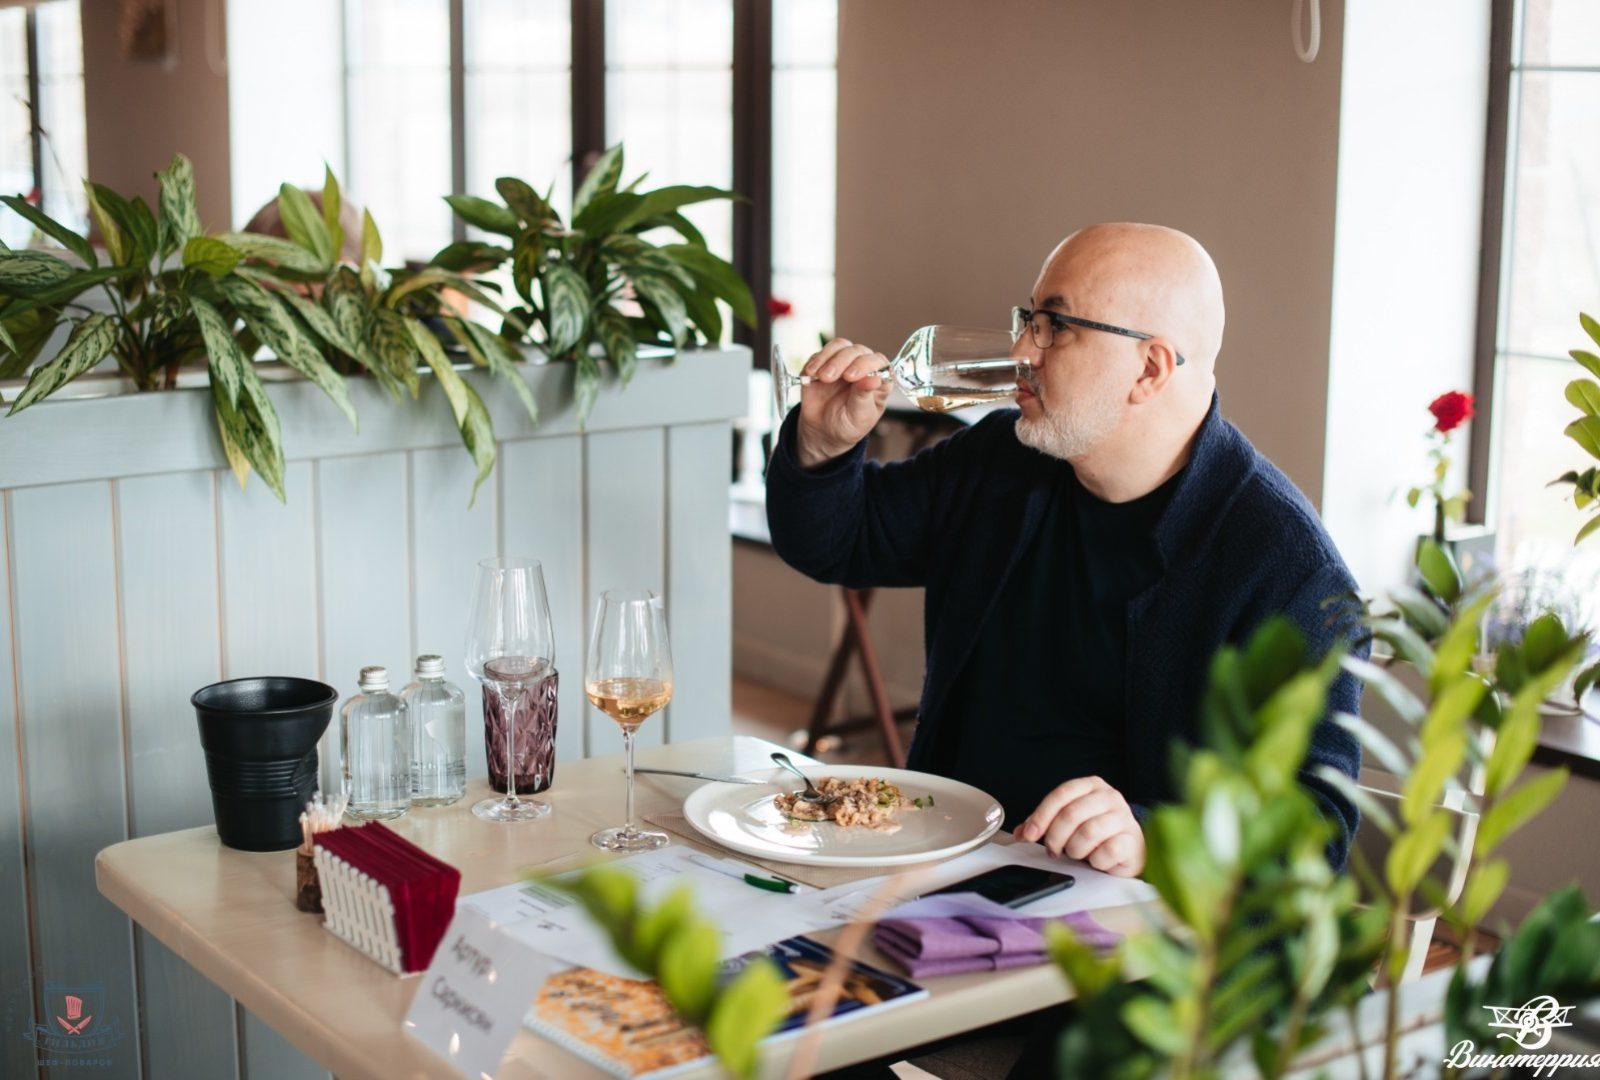 vinoterria-chefsandwine-49